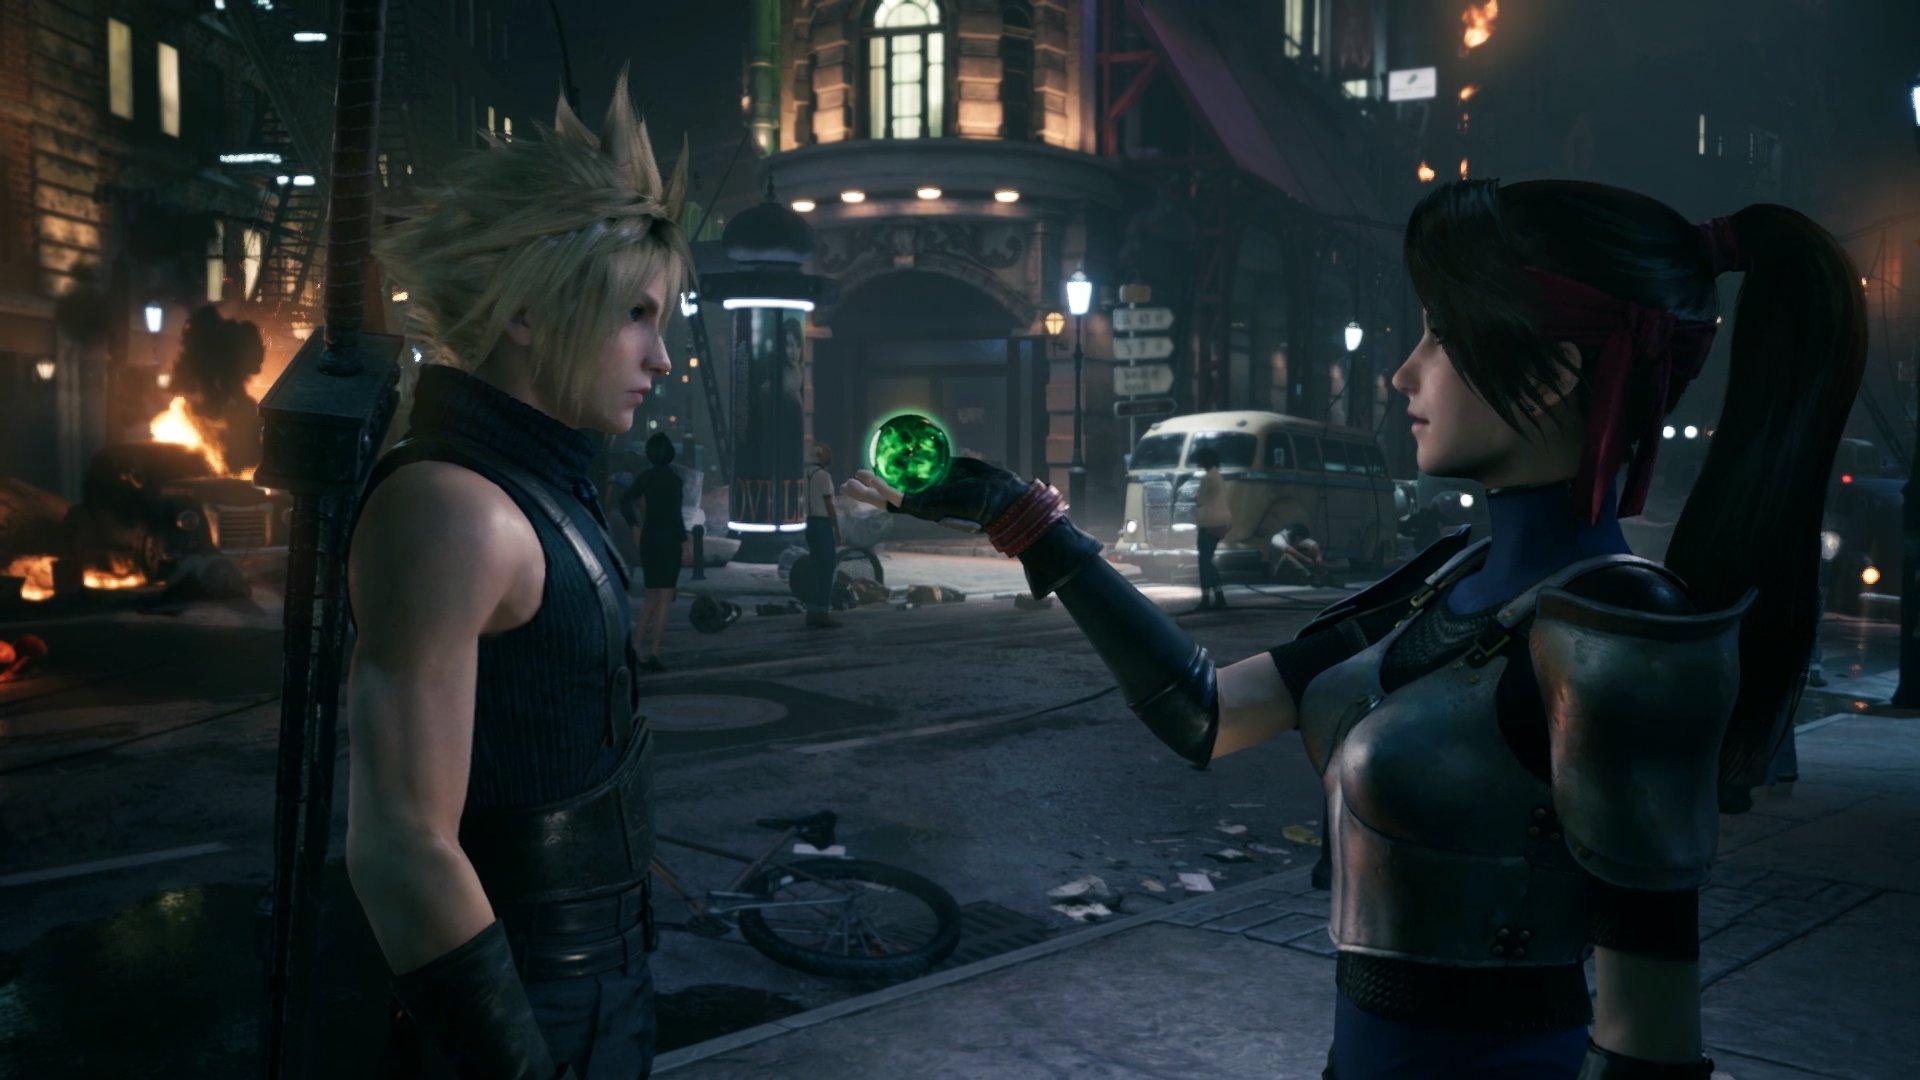 Nem a produção sabe (ainda) quantas partes terá Final Fantasy VII Remake